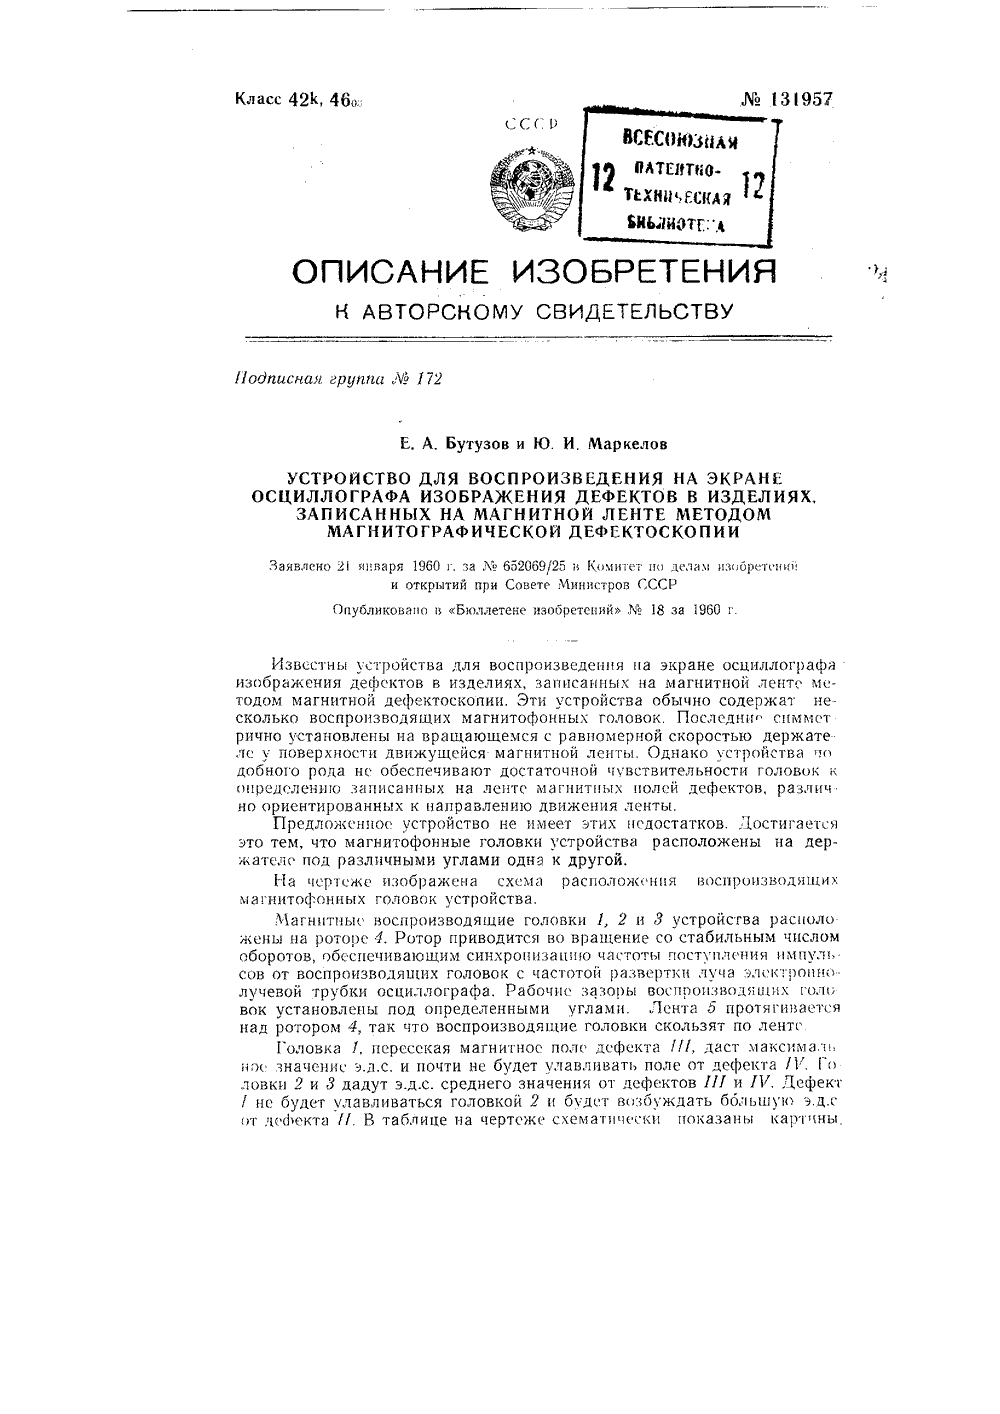 блок схема осциллографа фп-33